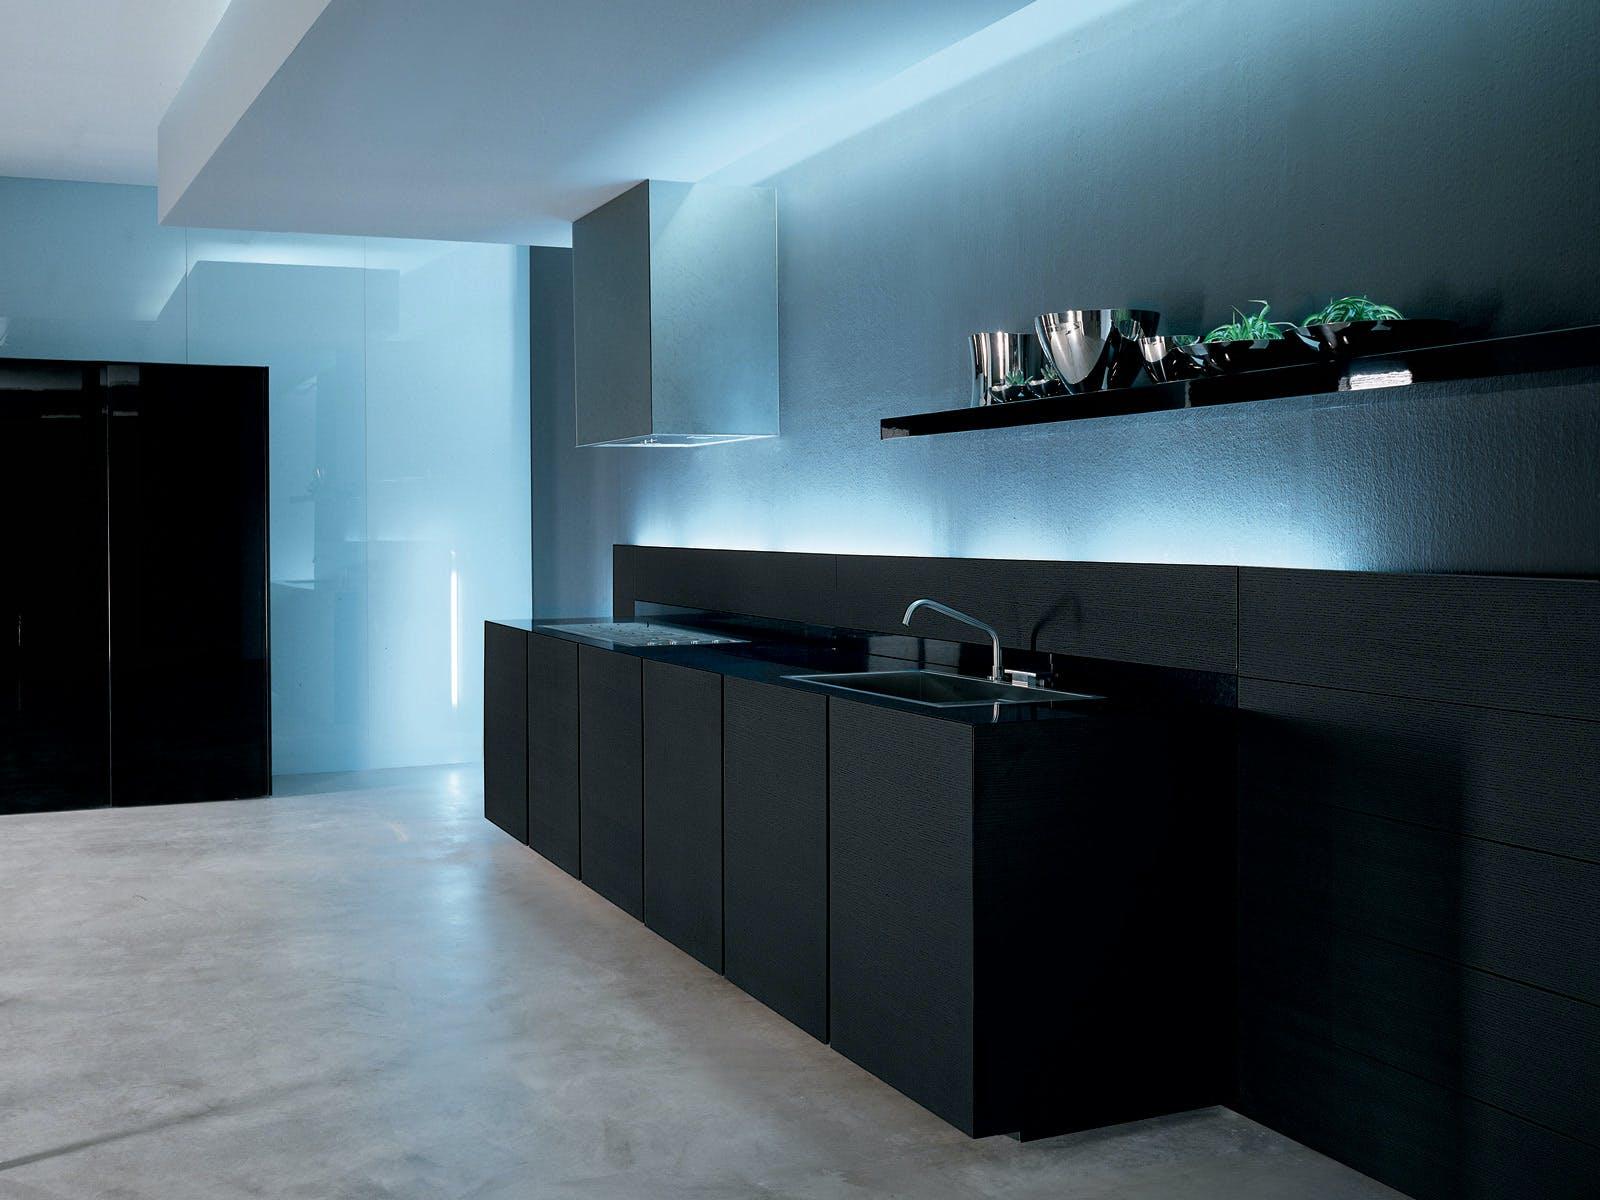 UNITS Kitchen | Minimal USA | Archinect